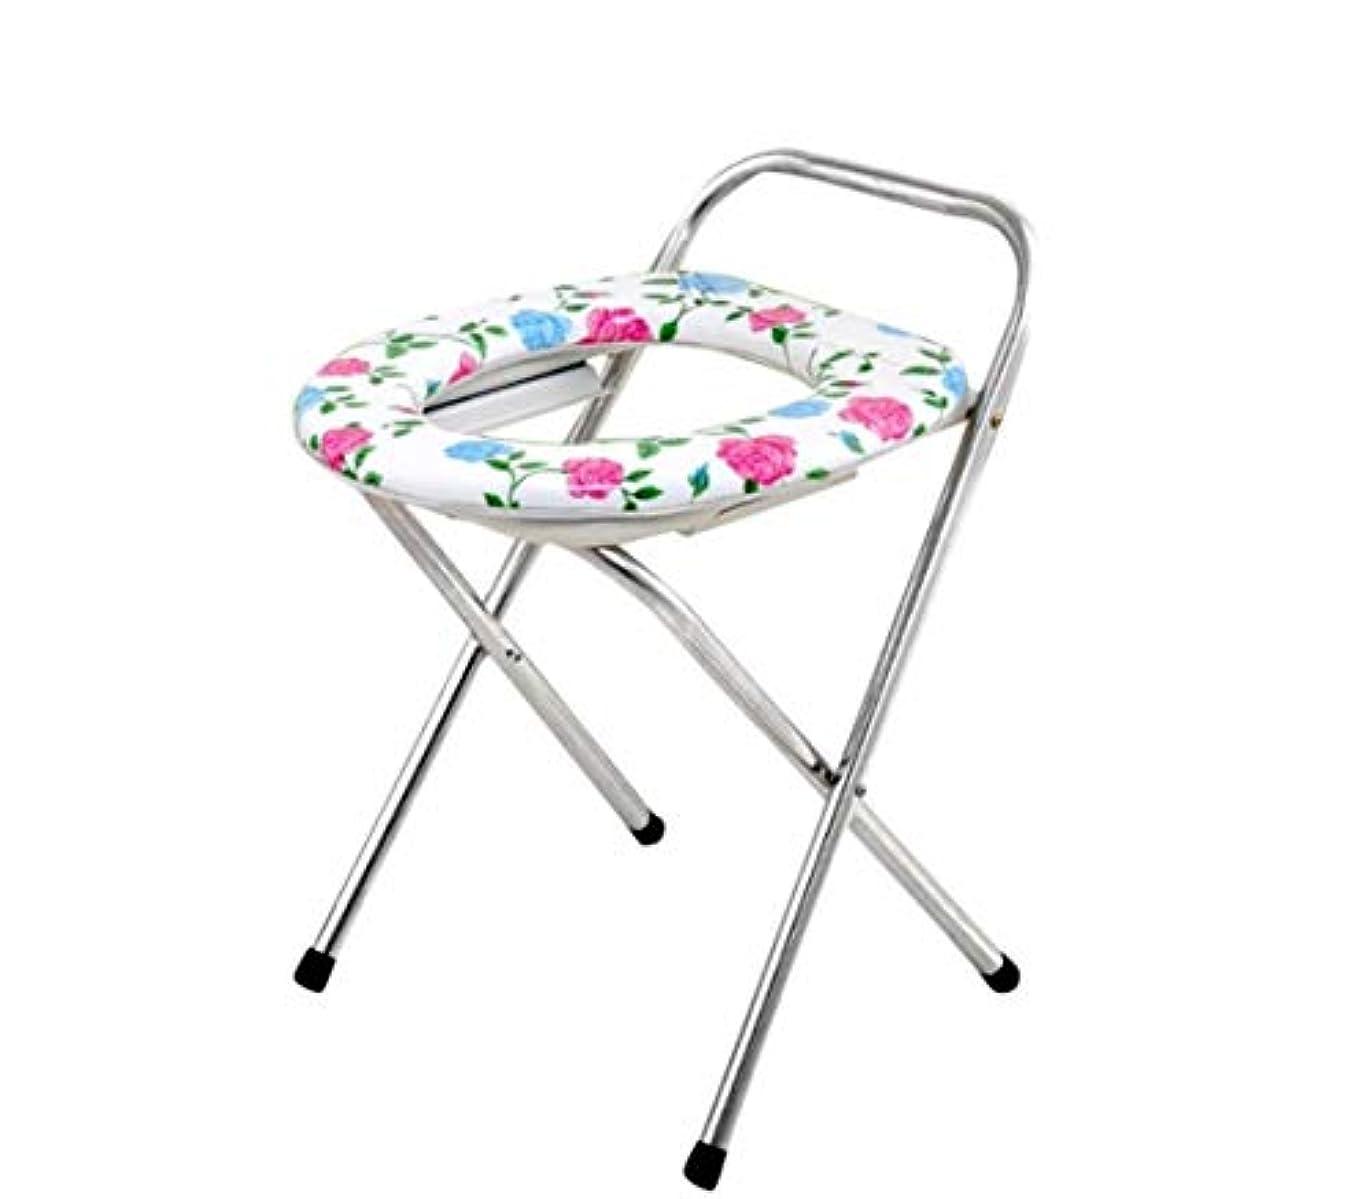 紛争資格情報緑高齢者の障害のための折りたたみ式便器椅子止まり台ステンレス鋼フレーム